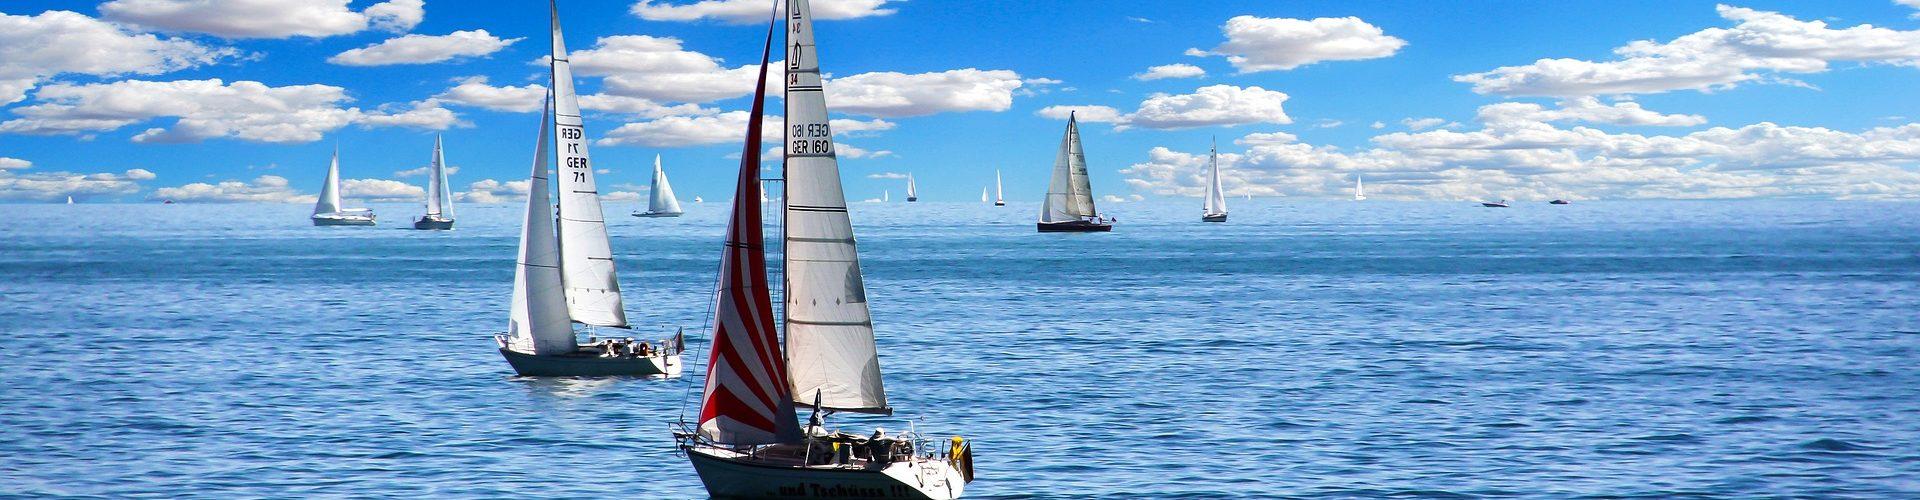 segeln lernen in Schaprode segelschein machen in Schaprode 1920x500 - Segeln lernen in Schaprode